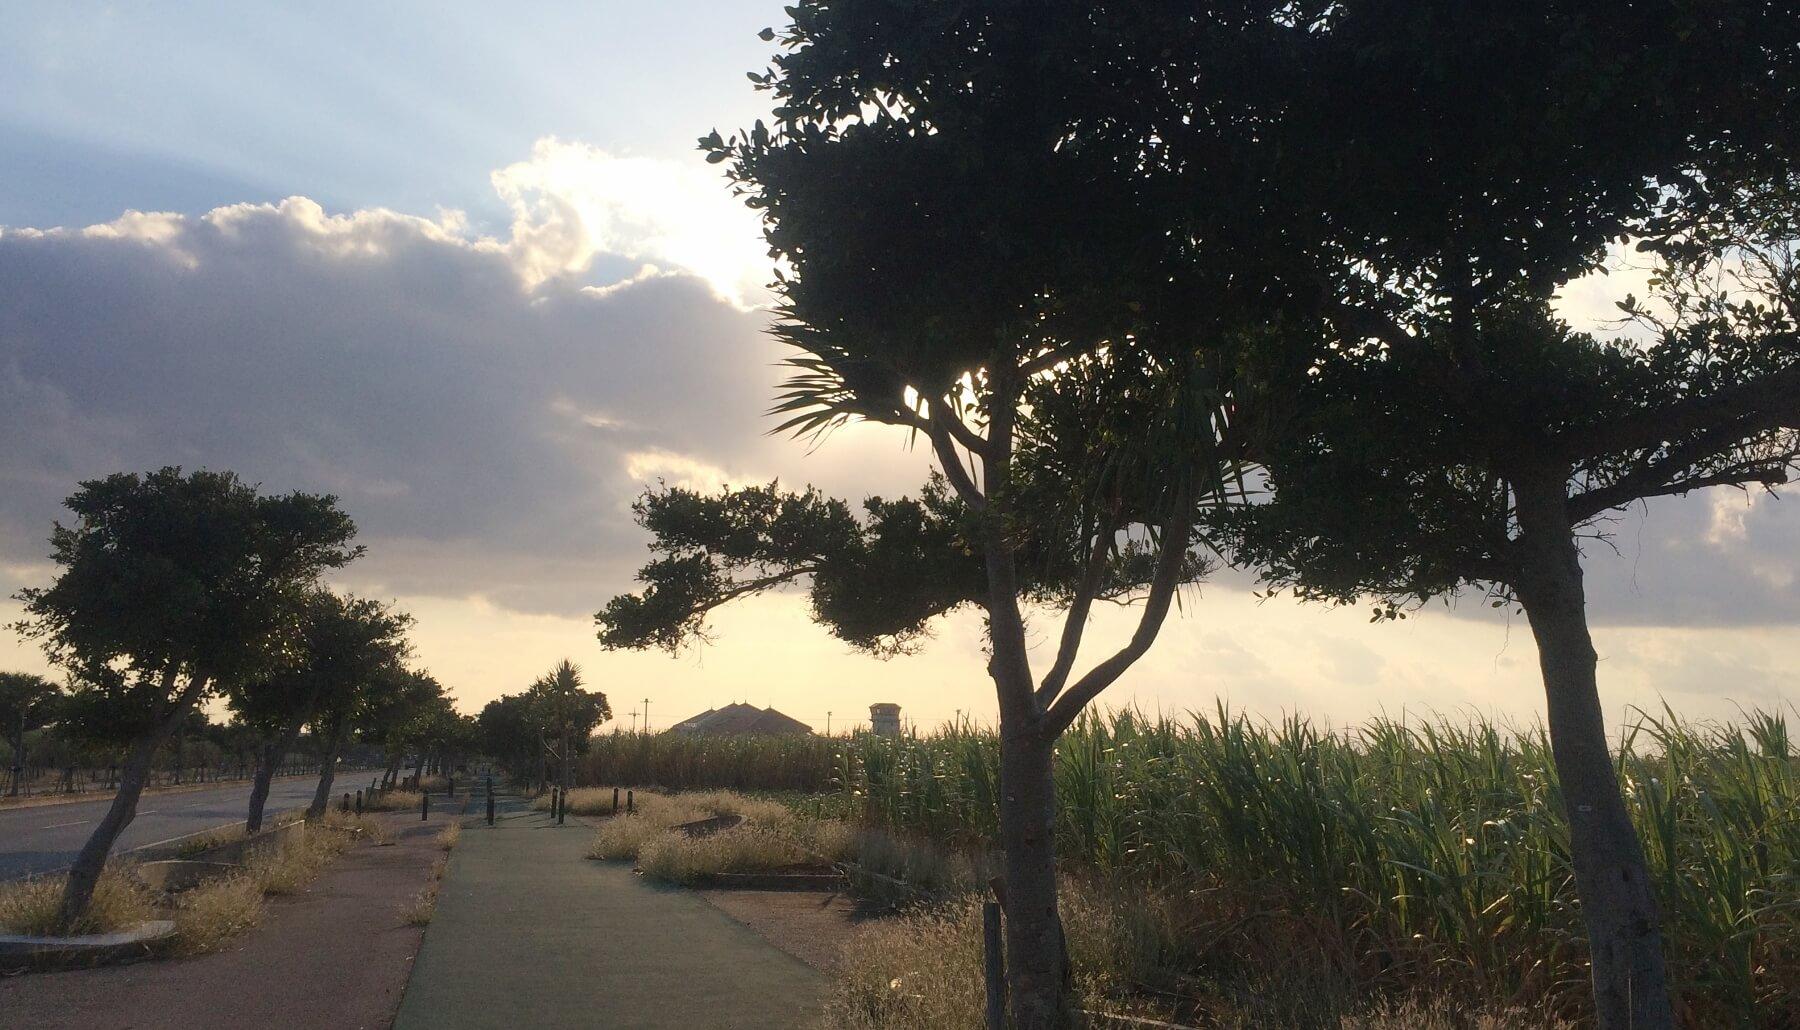 宮古島空港まで歩いて向かう途中の夕焼けの風景